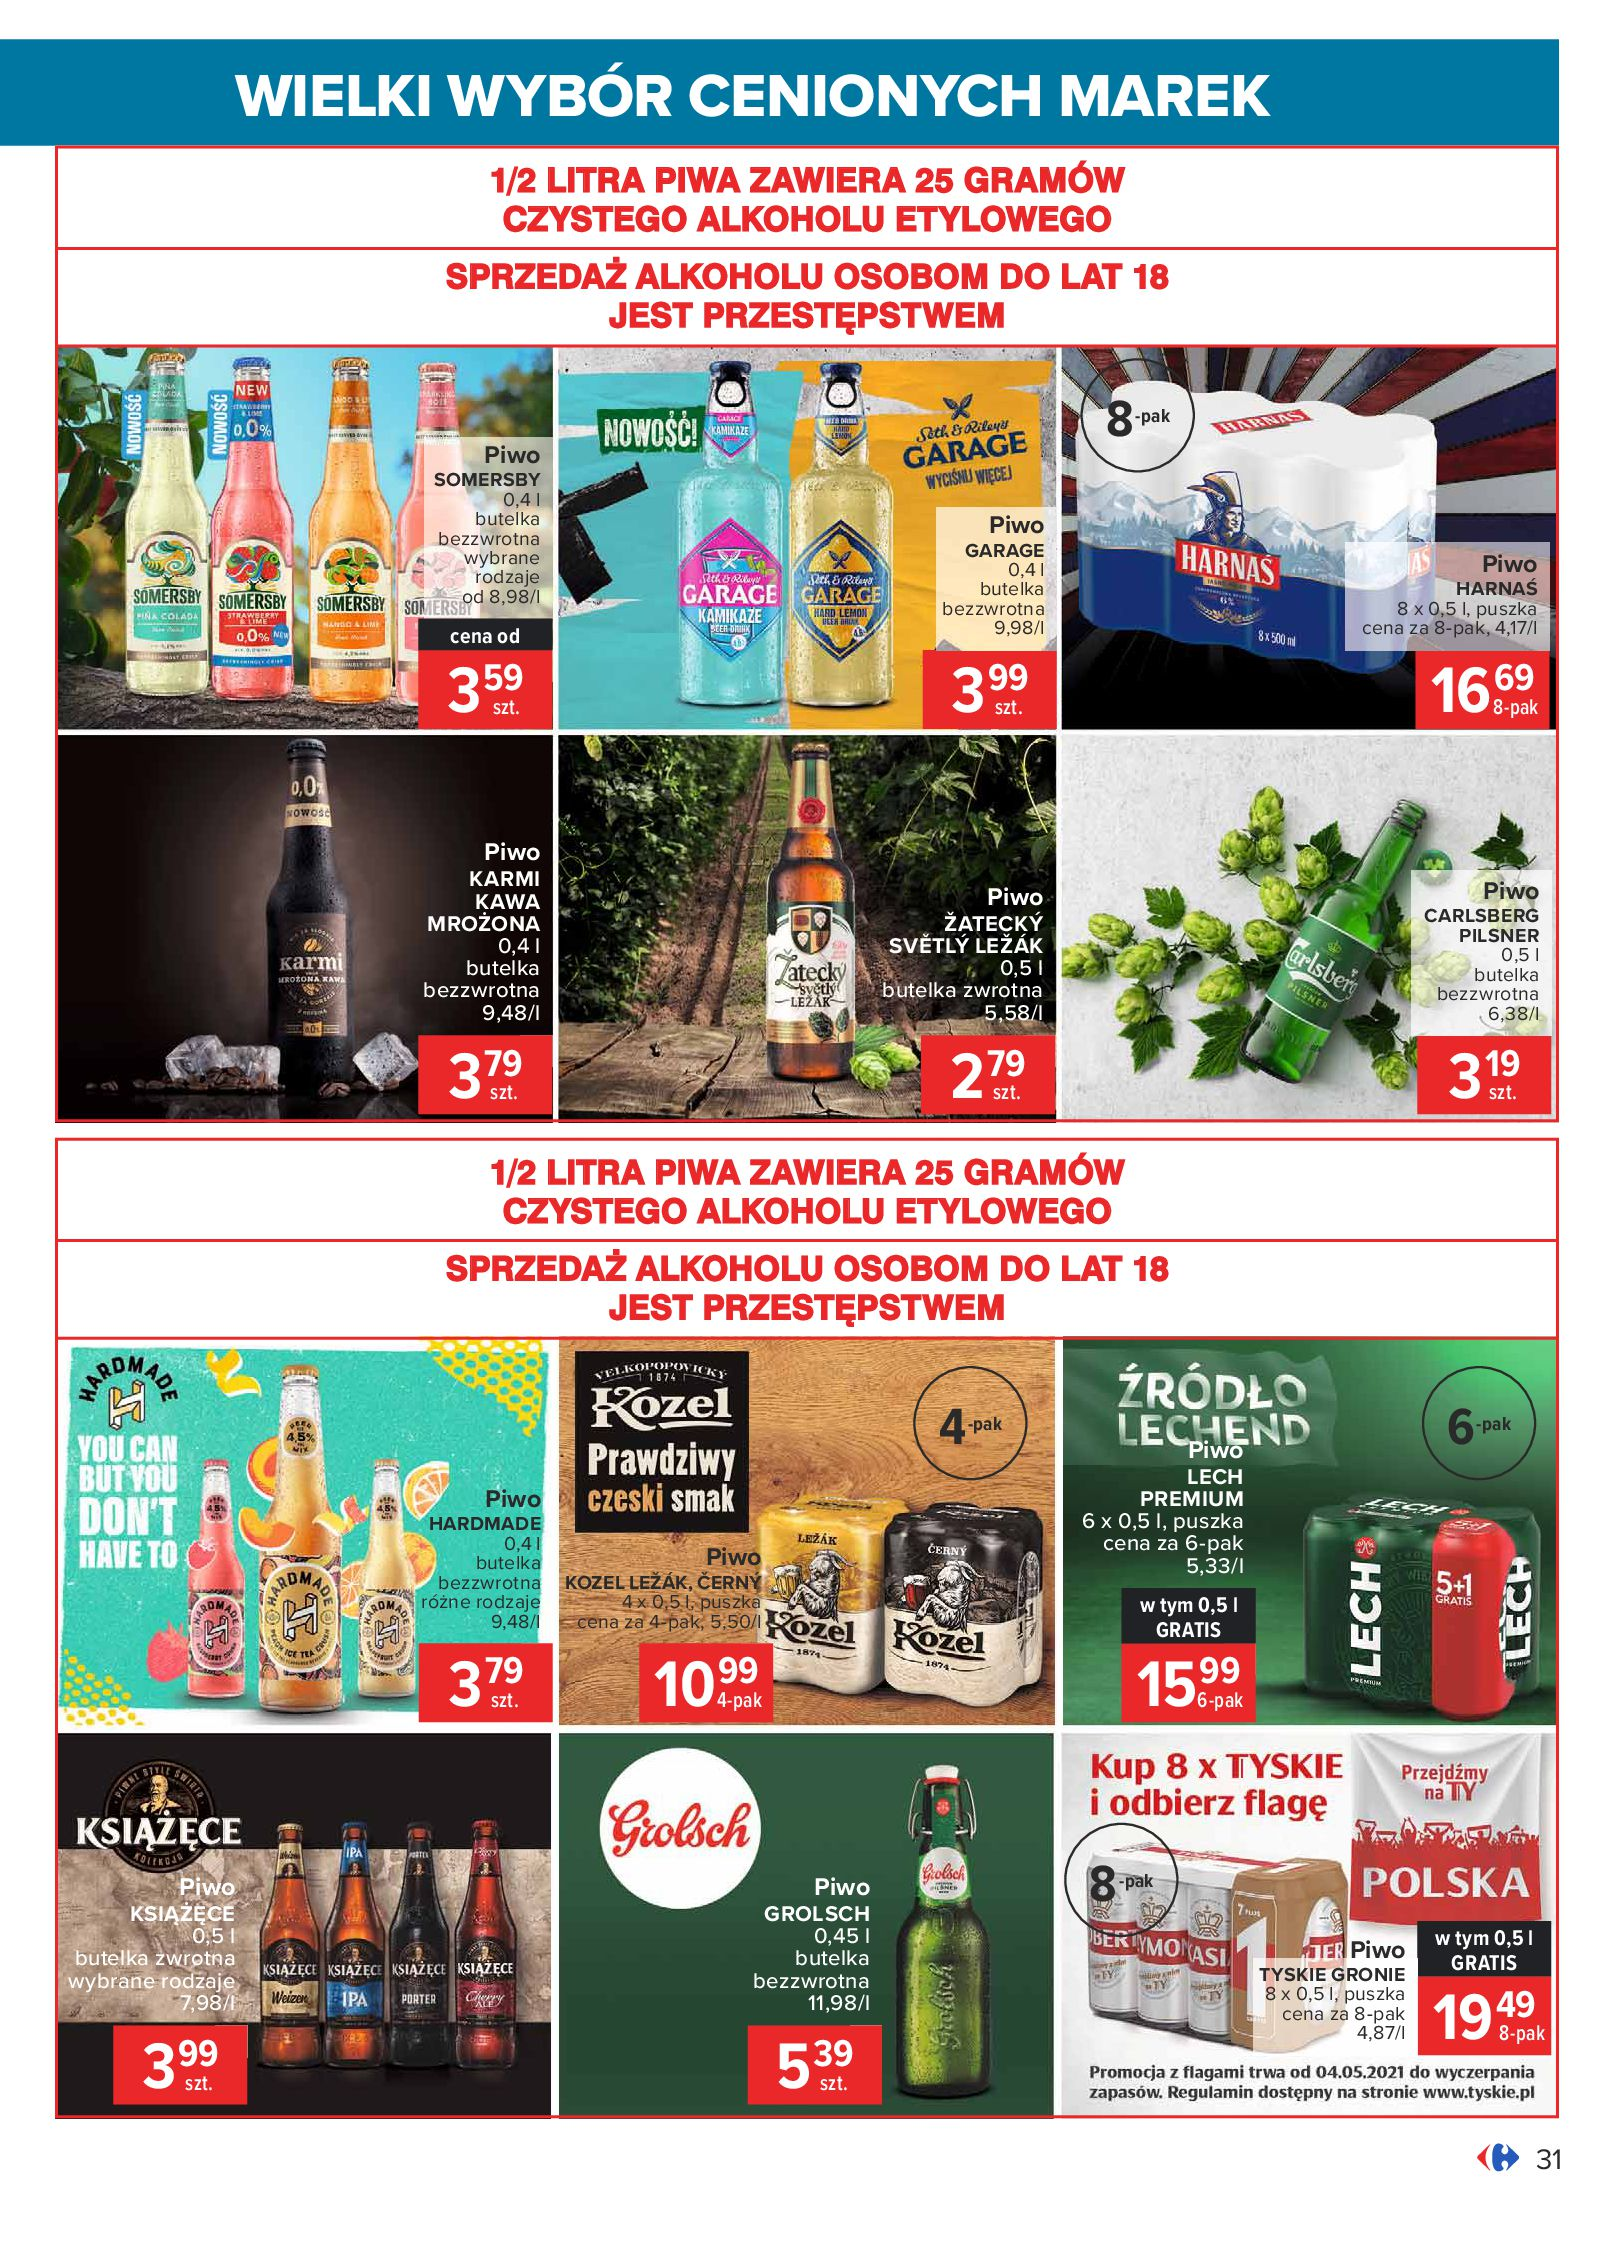 Gazetka Carrefour: Wielki wybór cenionych marek 2021-05-04 page-31